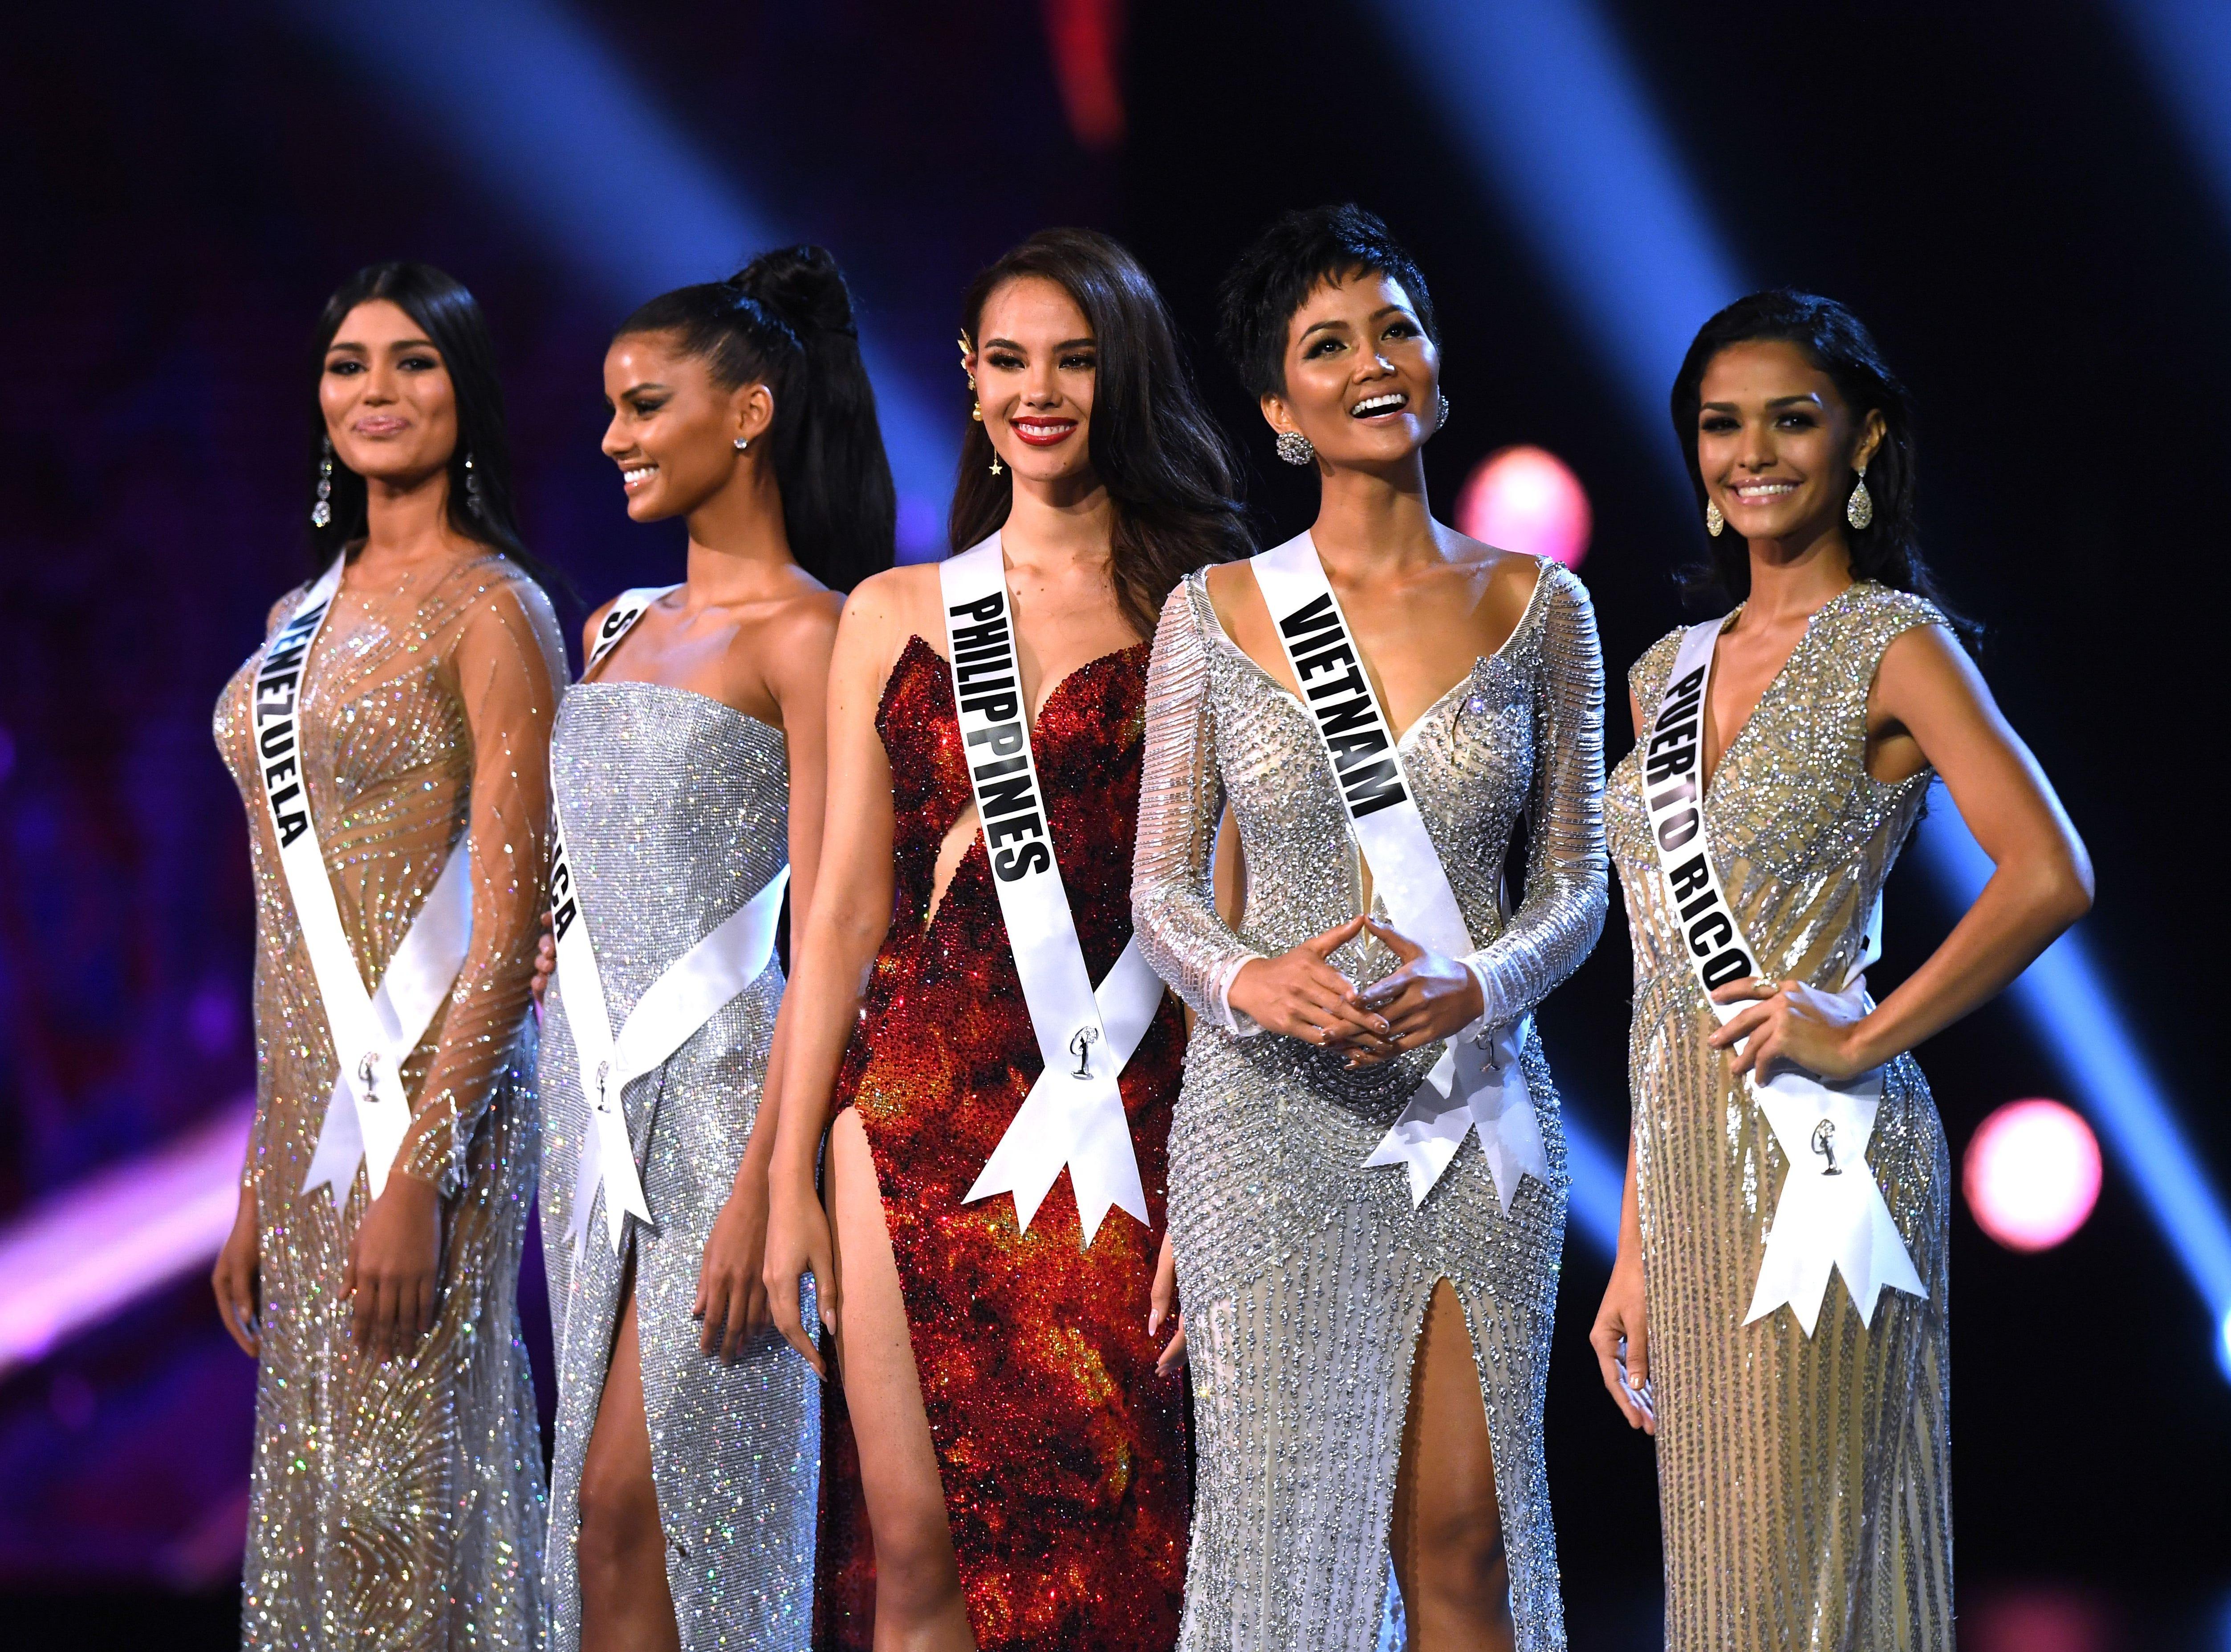 Sthefany Gutiérrez de Venezuela, Tamaryn Green de Sudáfrica, Catriona Gray de Filipinas, H'Hen Nie de Vietnam y Kiara Ortega Puerto de Rico permanecen en el escenario después de haber sido seleccionado como los cinco finalistas principales durante el concurso Miss Universo 2018 en Bangkok el 17 de diciembre de 2018.